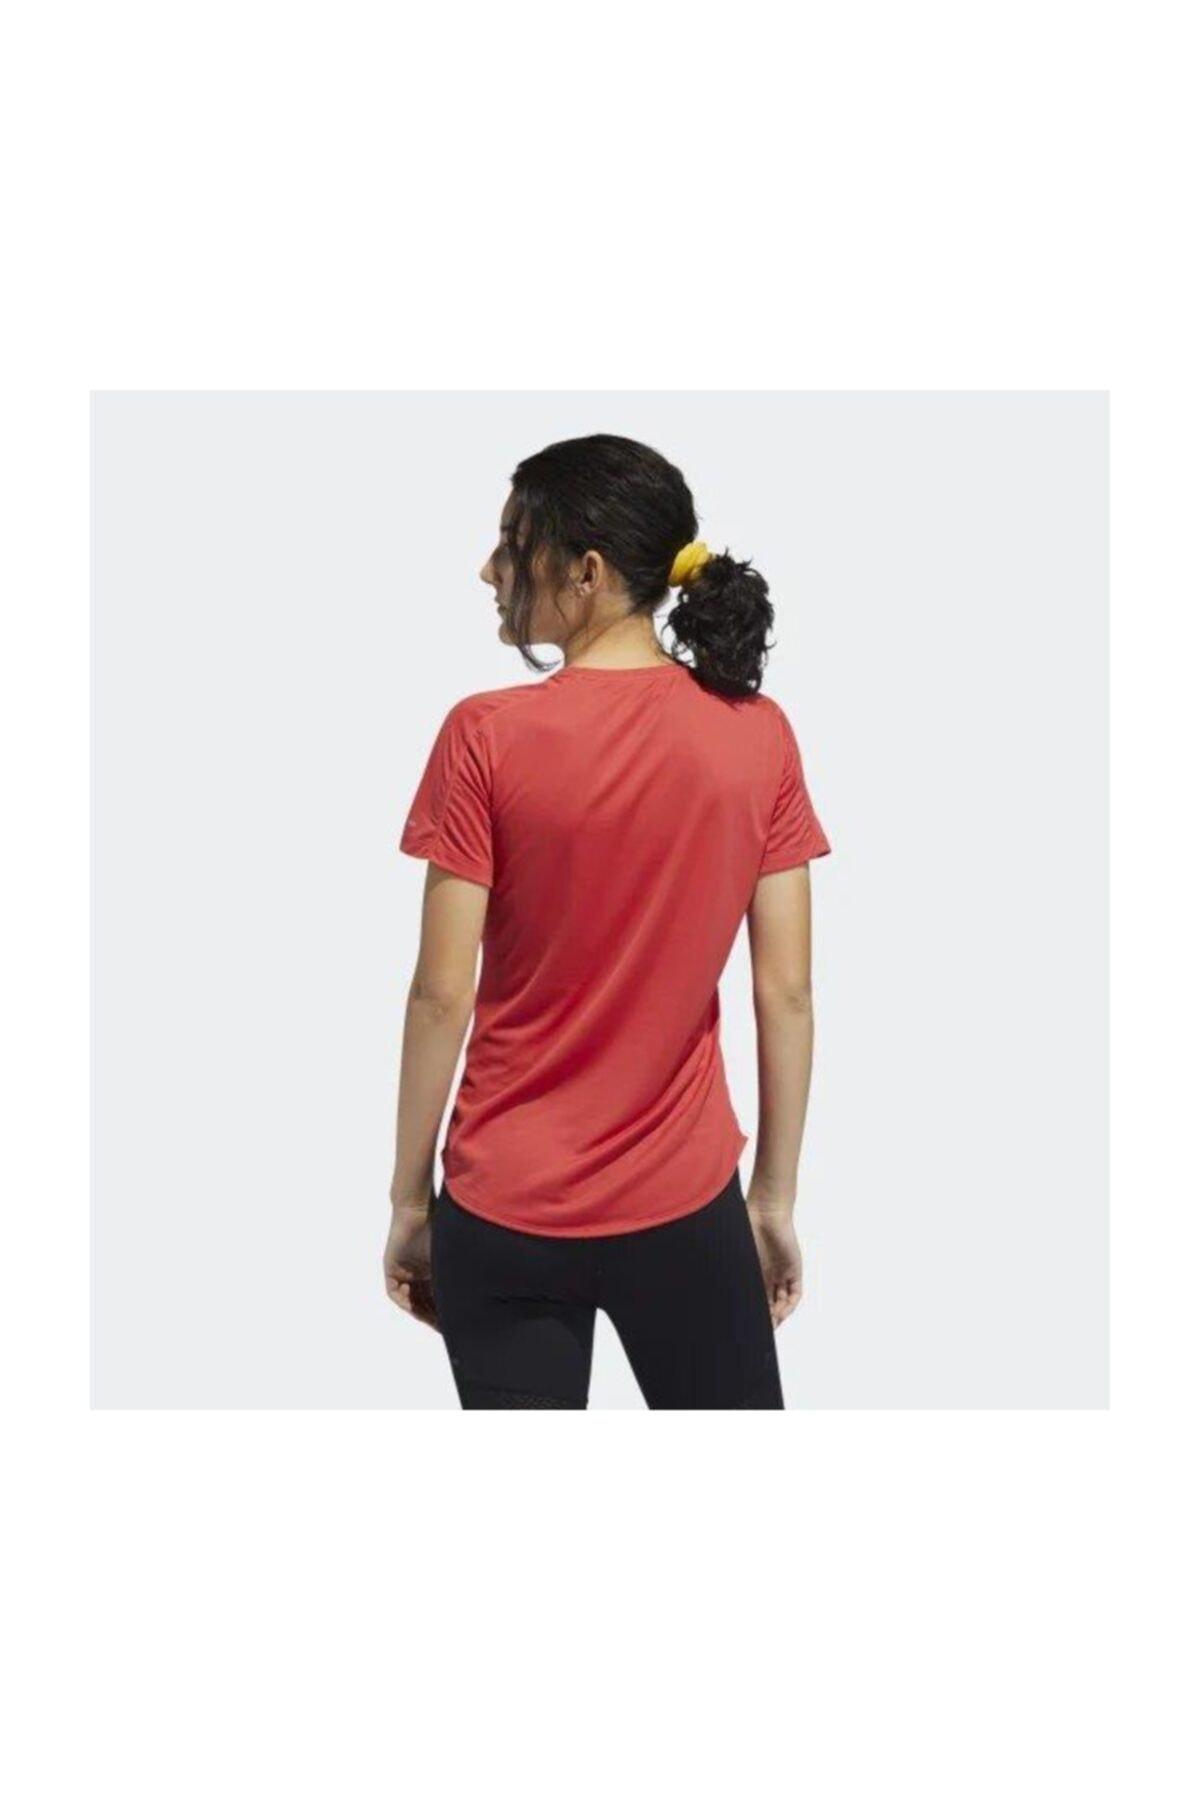 adidas RUN IT TEE 3S W Kadın Tişört 2